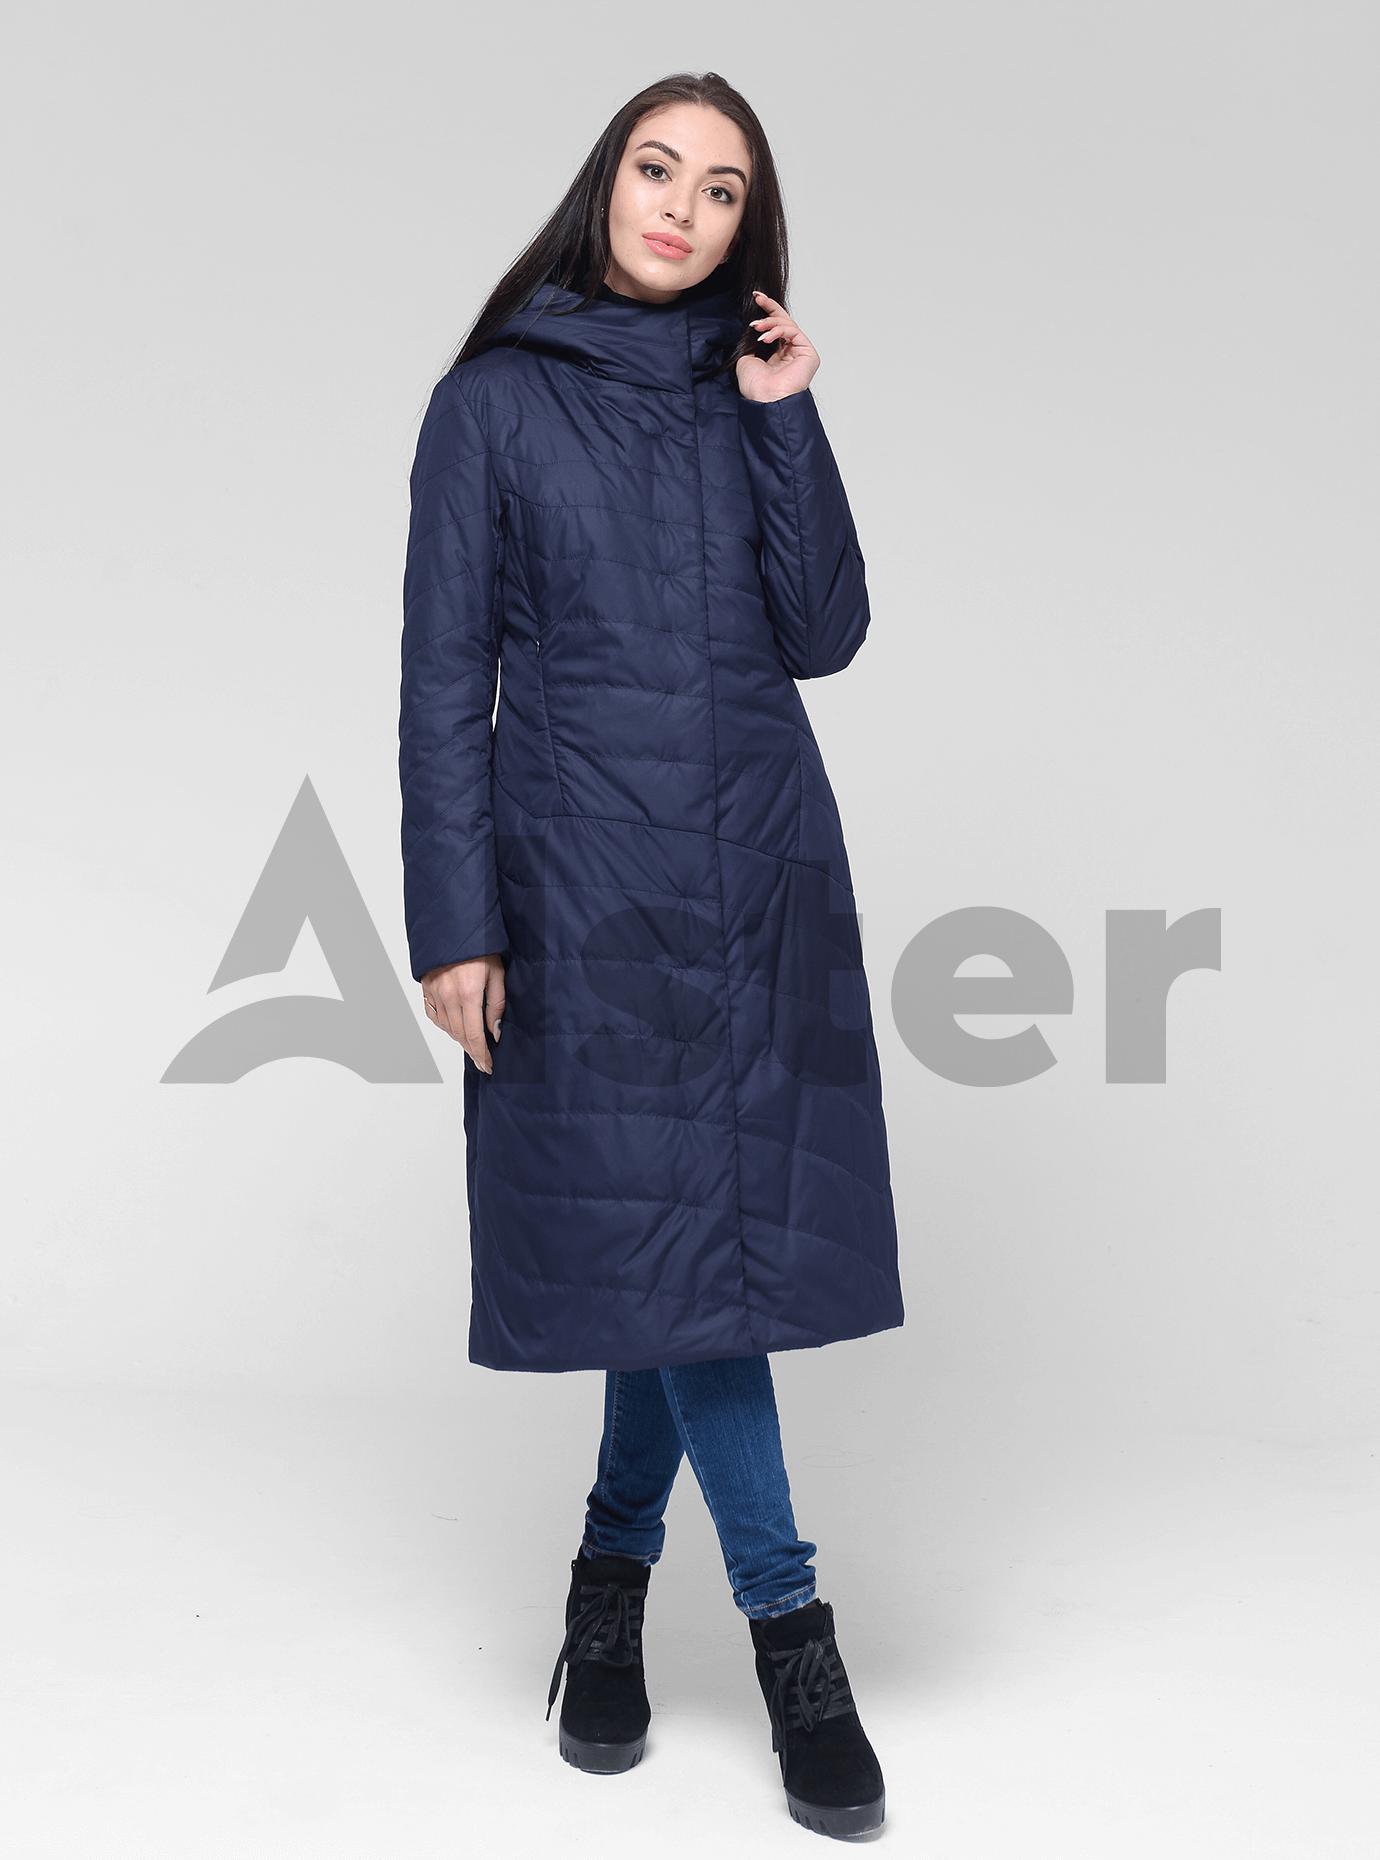 Куртка демисезонная женская с капюшоном Тёмно-синий 2XL (02-D190159): фото - Alster.ua